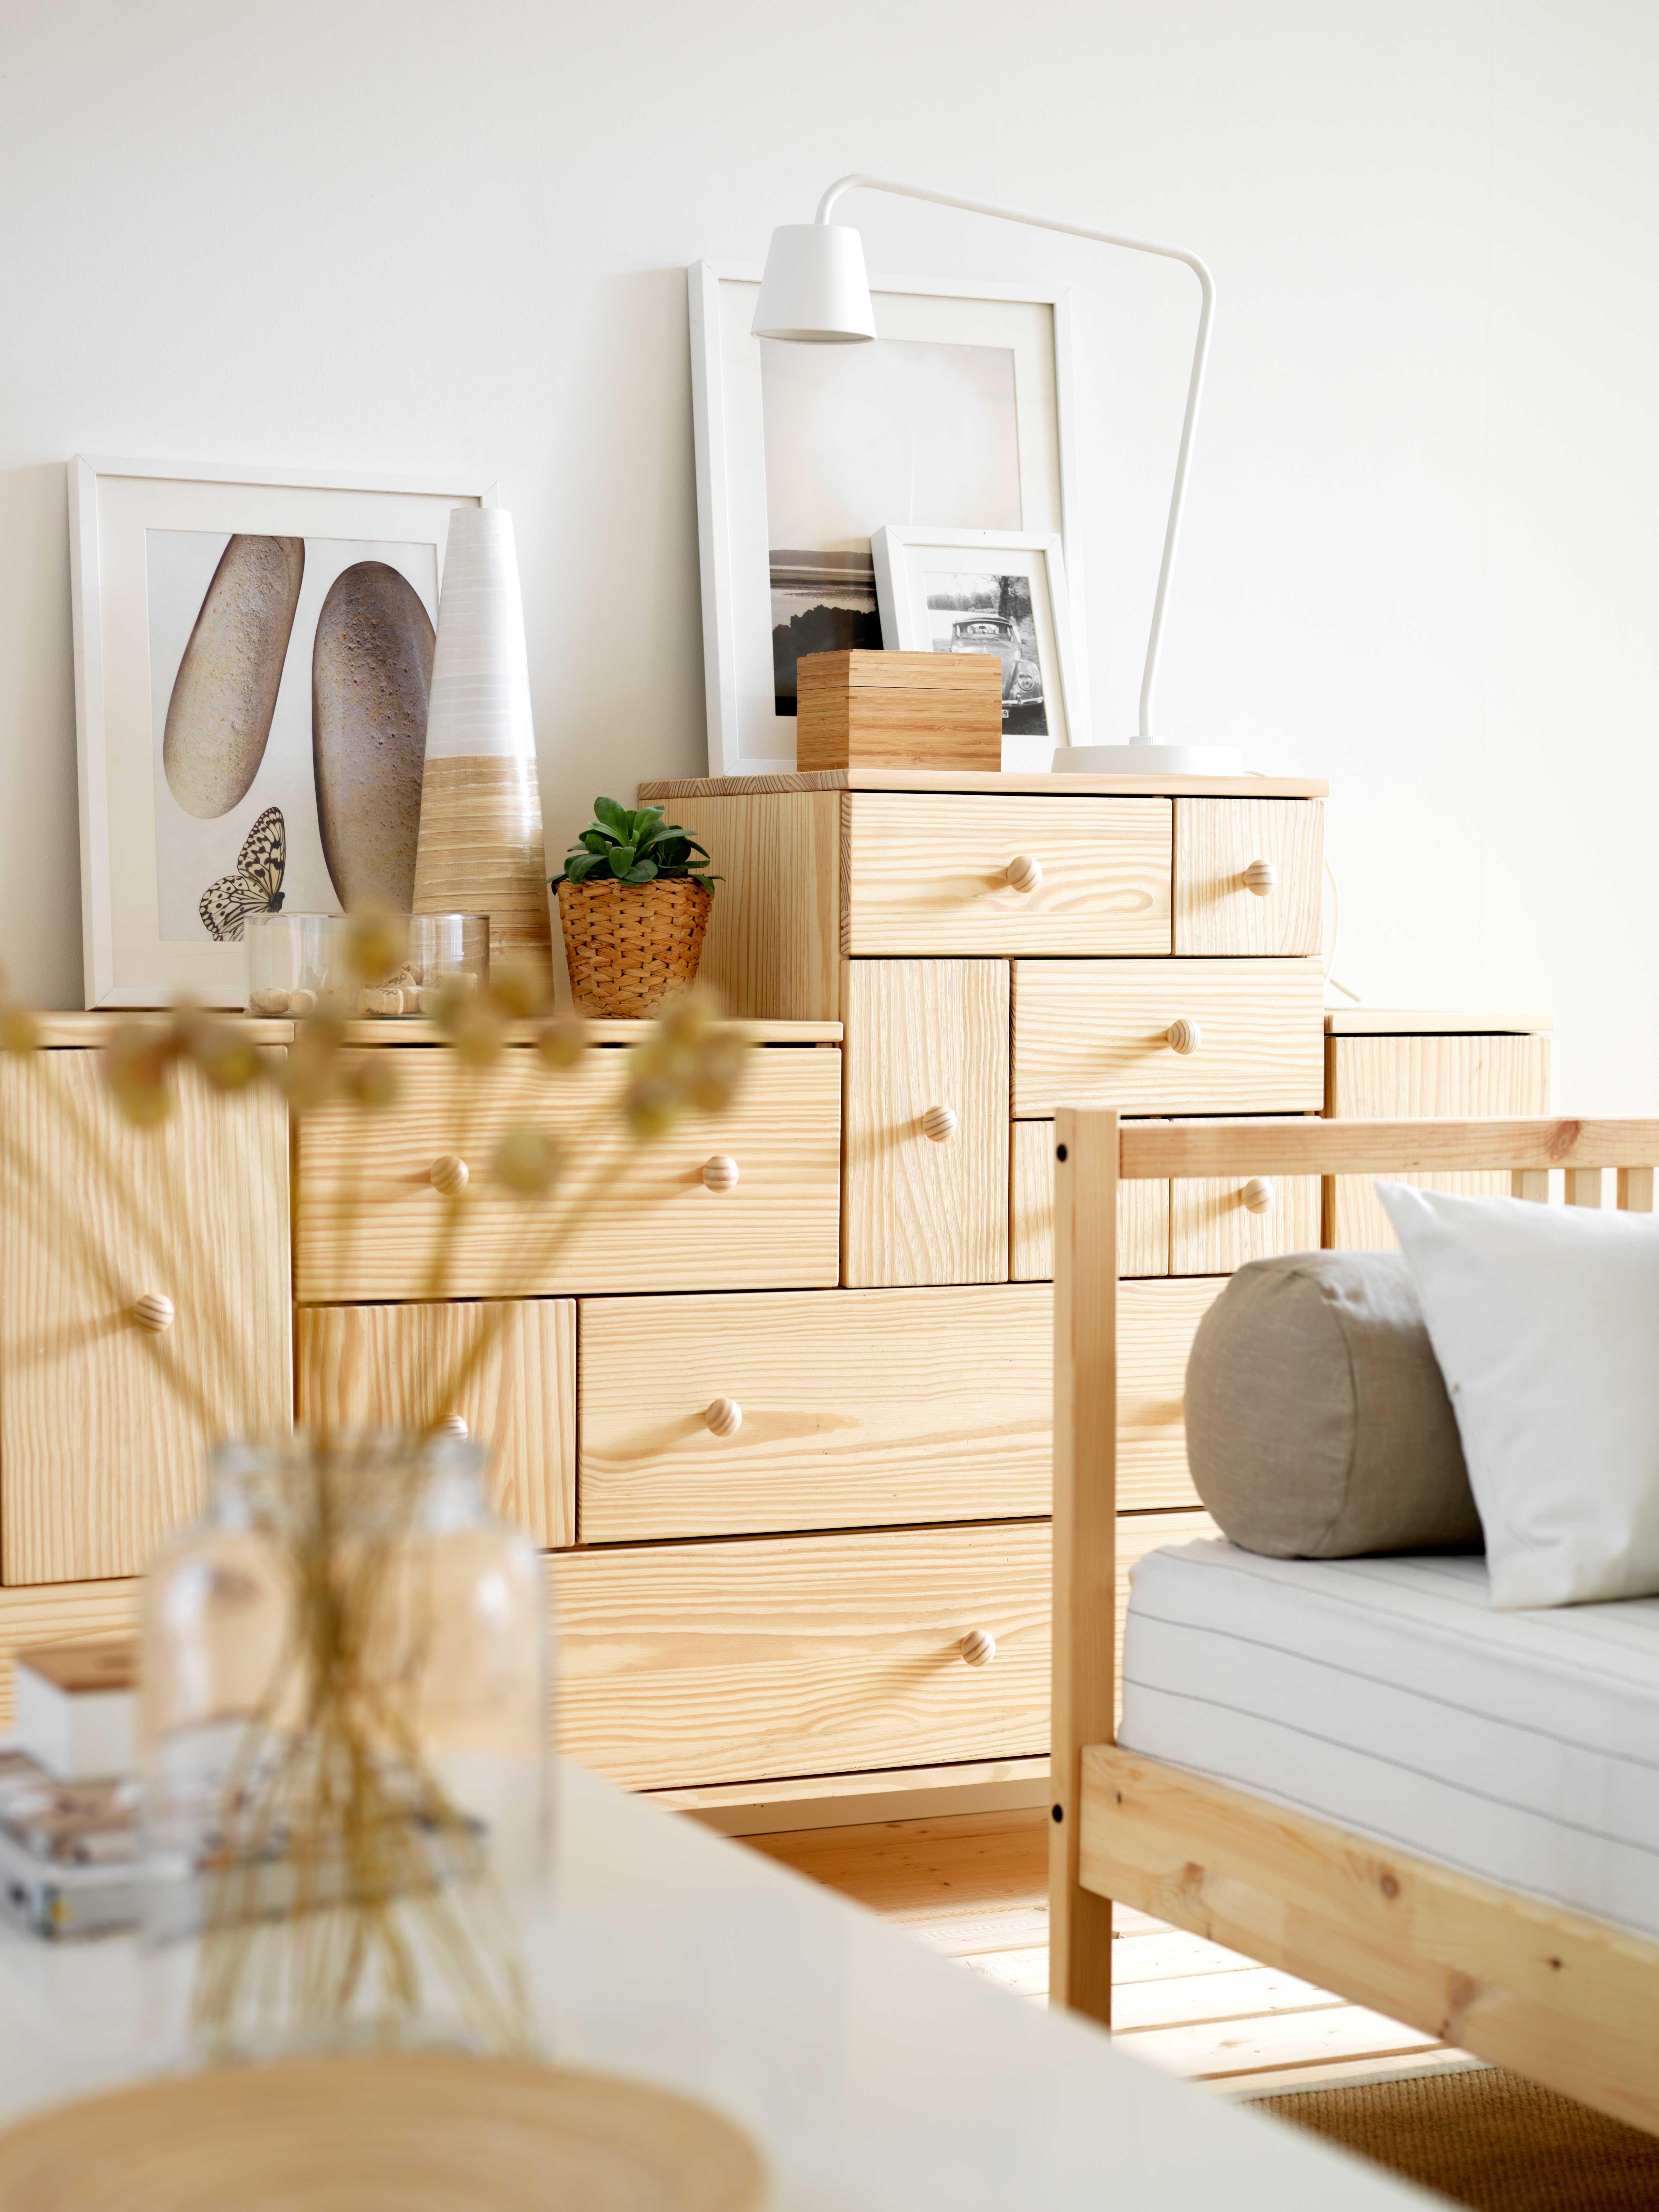 IKEA sterreich Inspiration Wohnzimmer Holz Kommode IKEA PS Leuchte TISDAG Vase CYLINDER